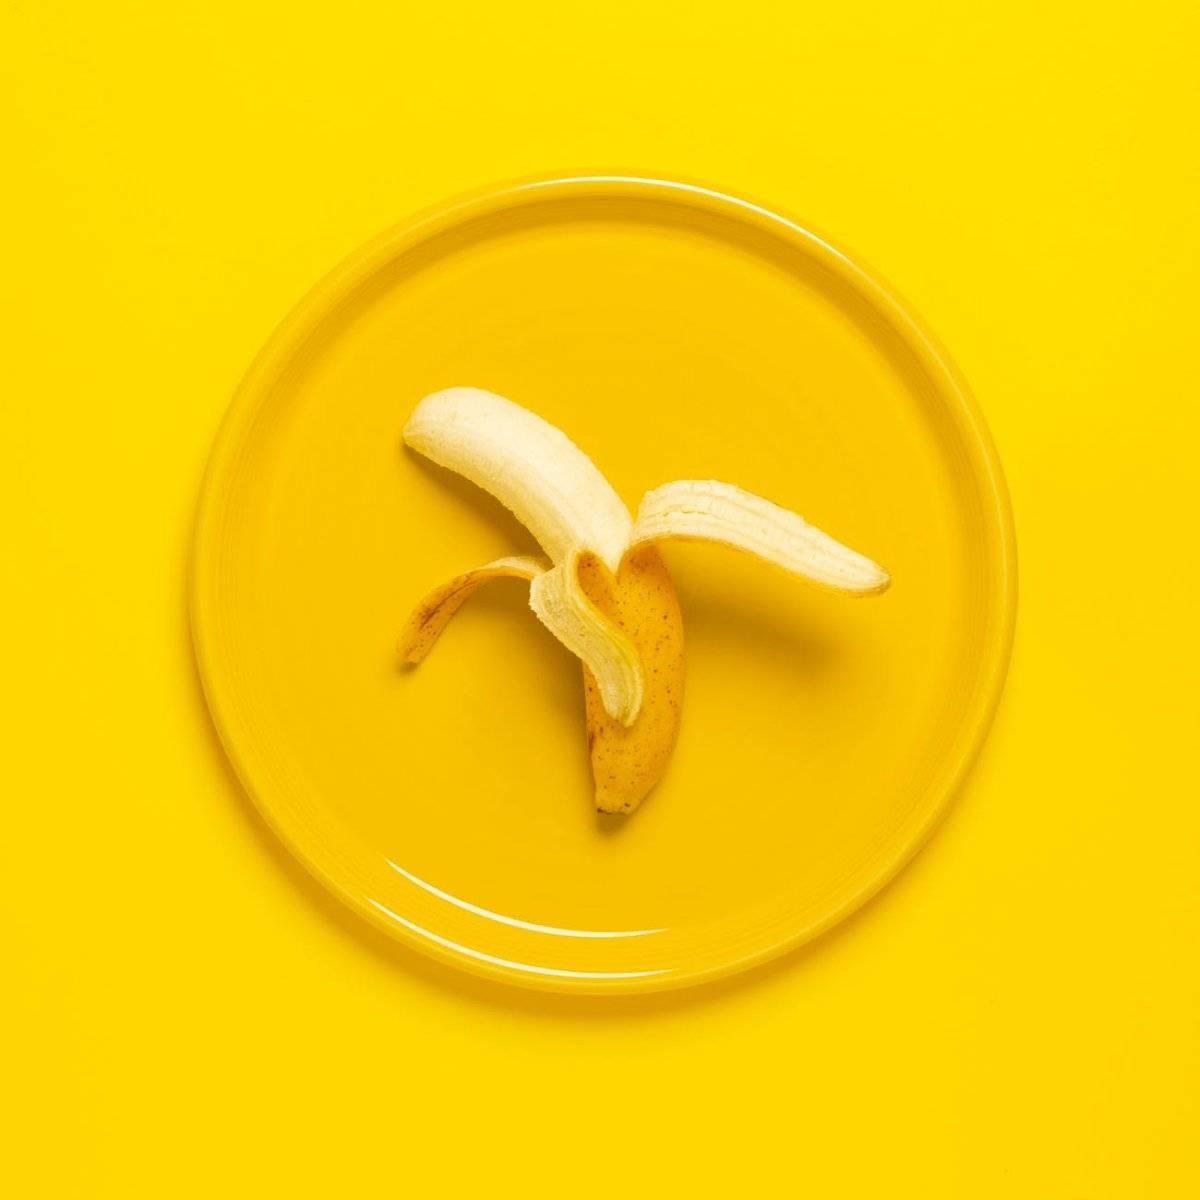 La banana es in alimentos fabuloso para refrescar la piel, gracias a caroteno, y vitaminas E, B1 y C.